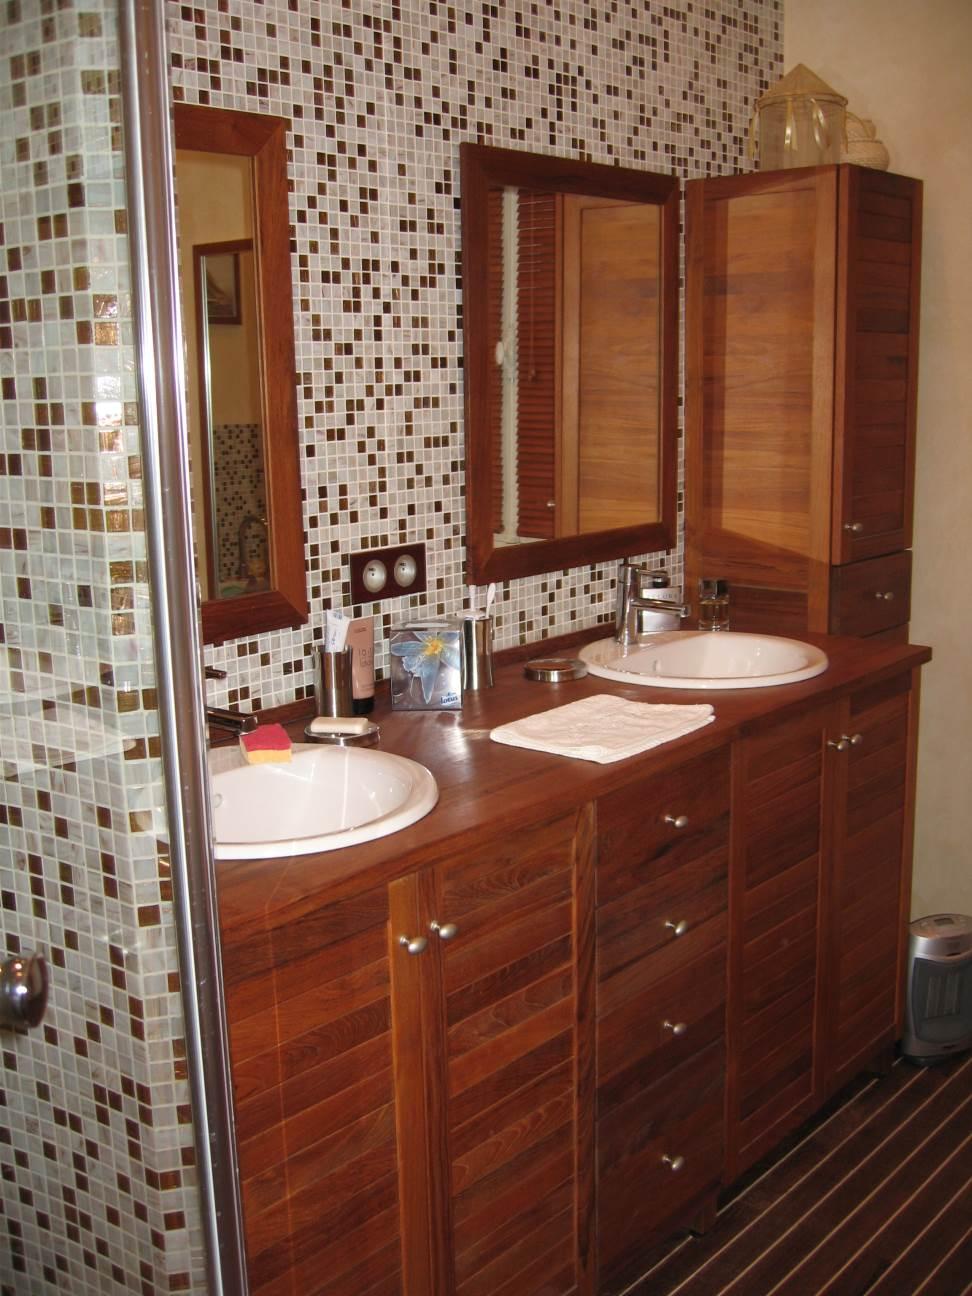 Salle-de-bains-meuble-et-sol-teck-avec-joints-pont-de-bateau-blanc-et-mosaique-pâte-de-verre-au-mur